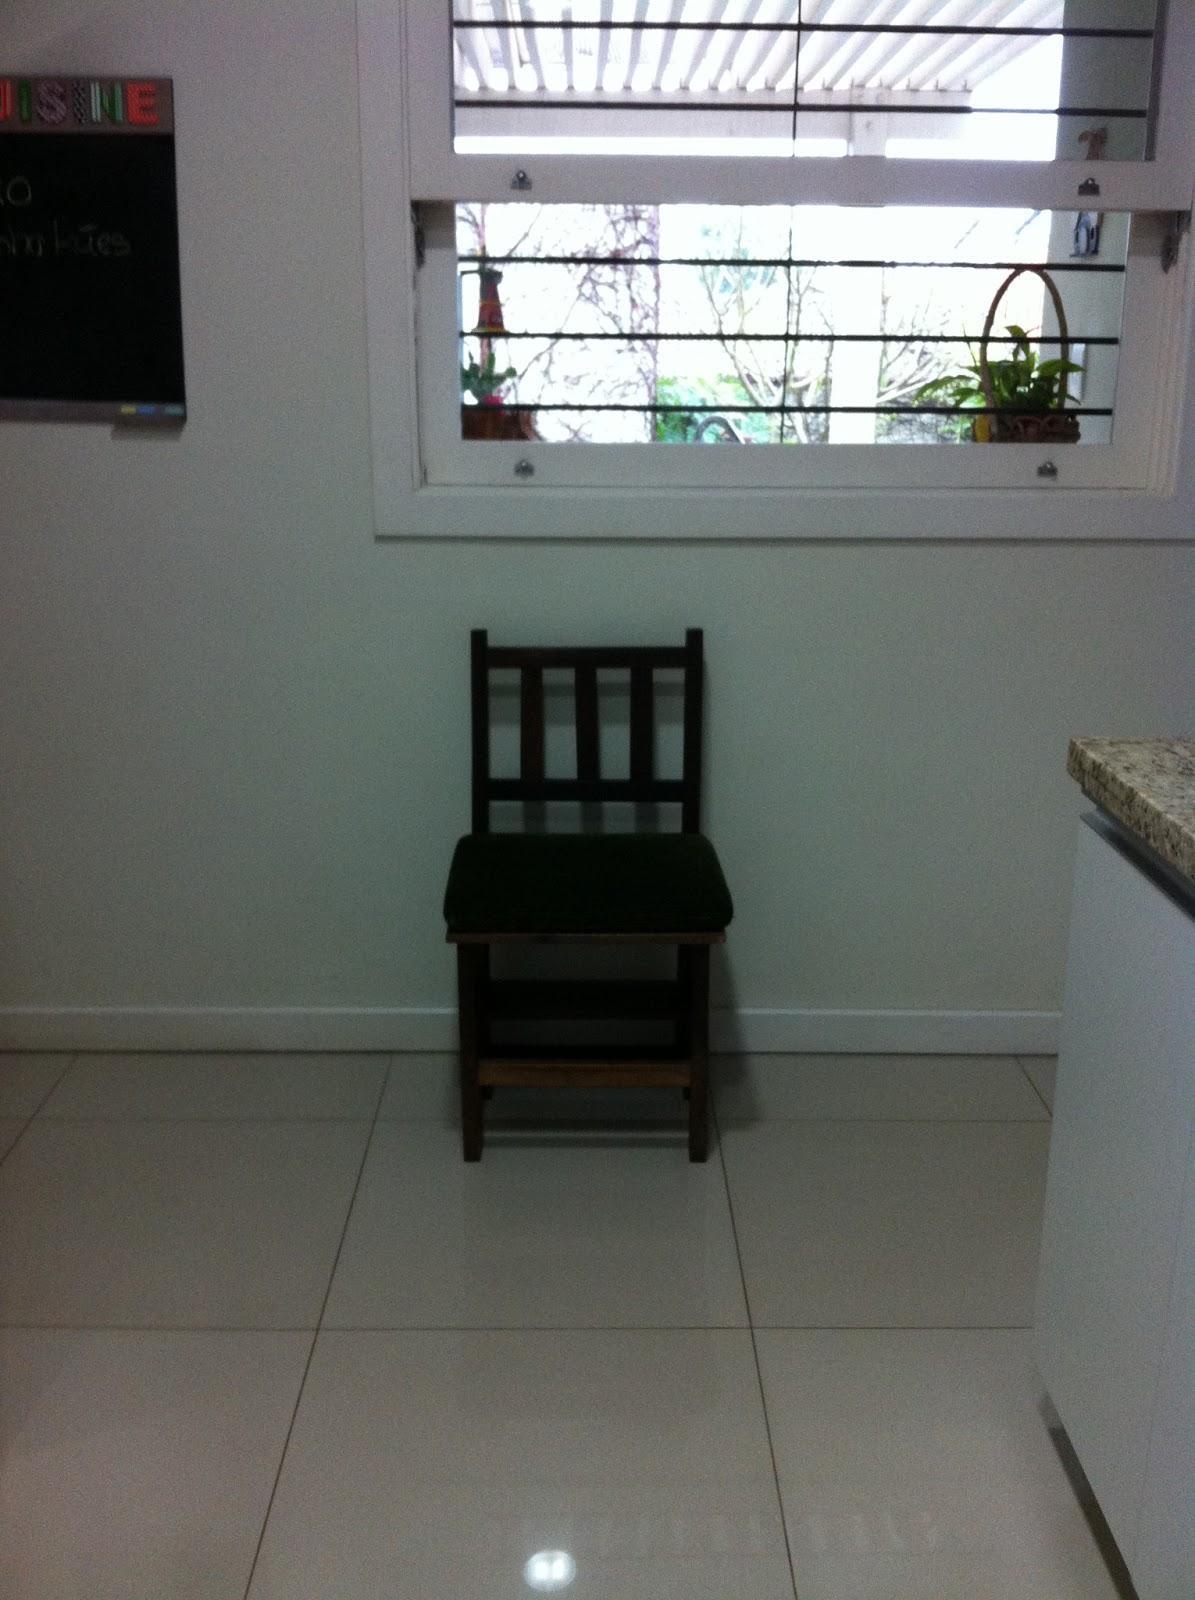 #536878 terça feira 25 de junho de 2013 1195x1600 px era a cadeira de balanço que fazia assim @ bernauer.info Móveis Antigos Novos E Usados Online